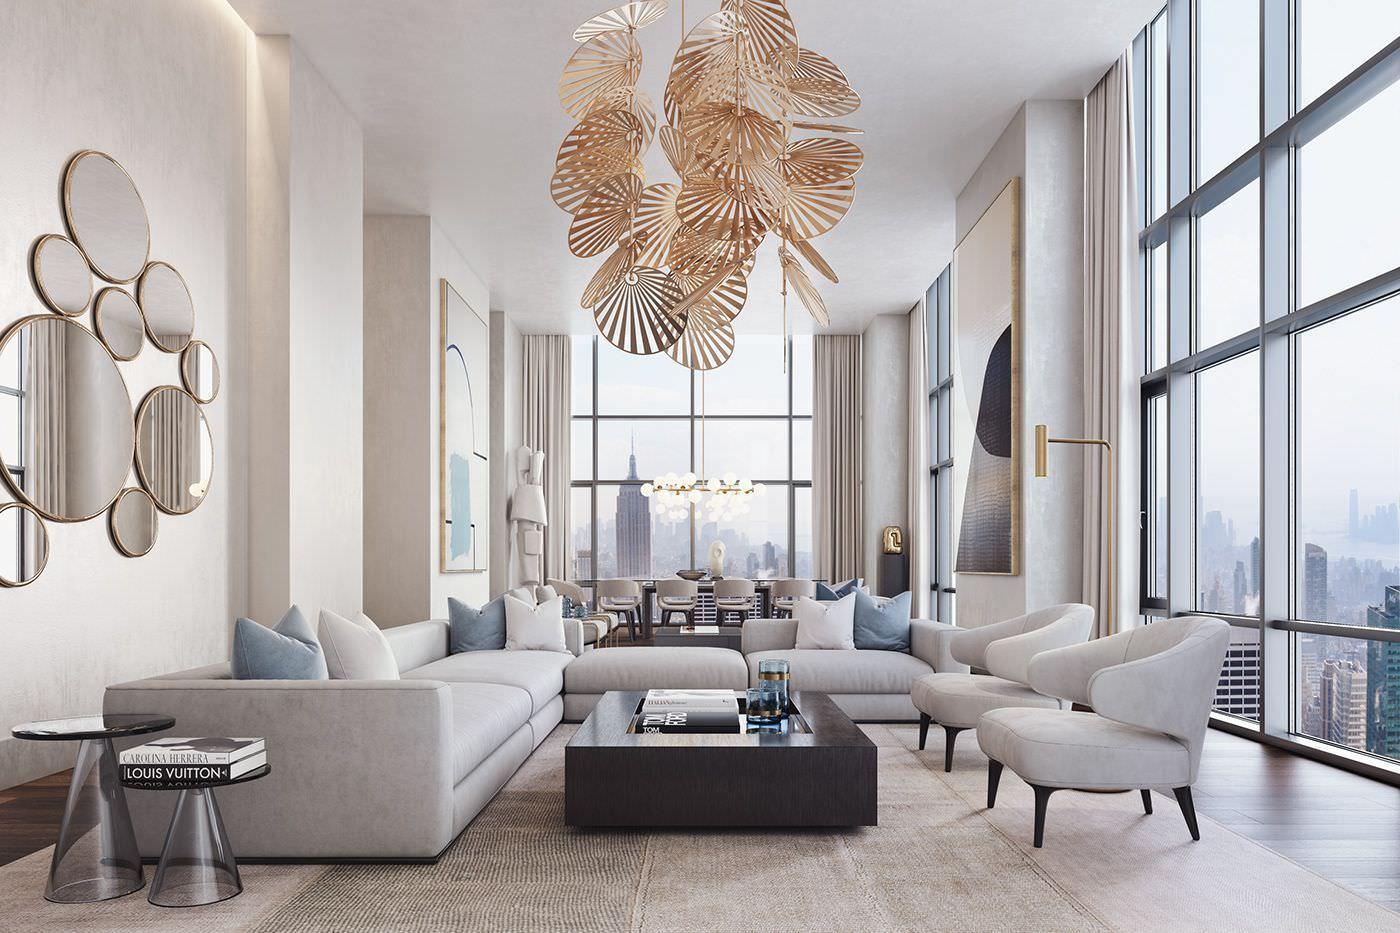 Thiết kế nhà có phòng khách thông tầng thông thoáng với hệ thống cửa kính